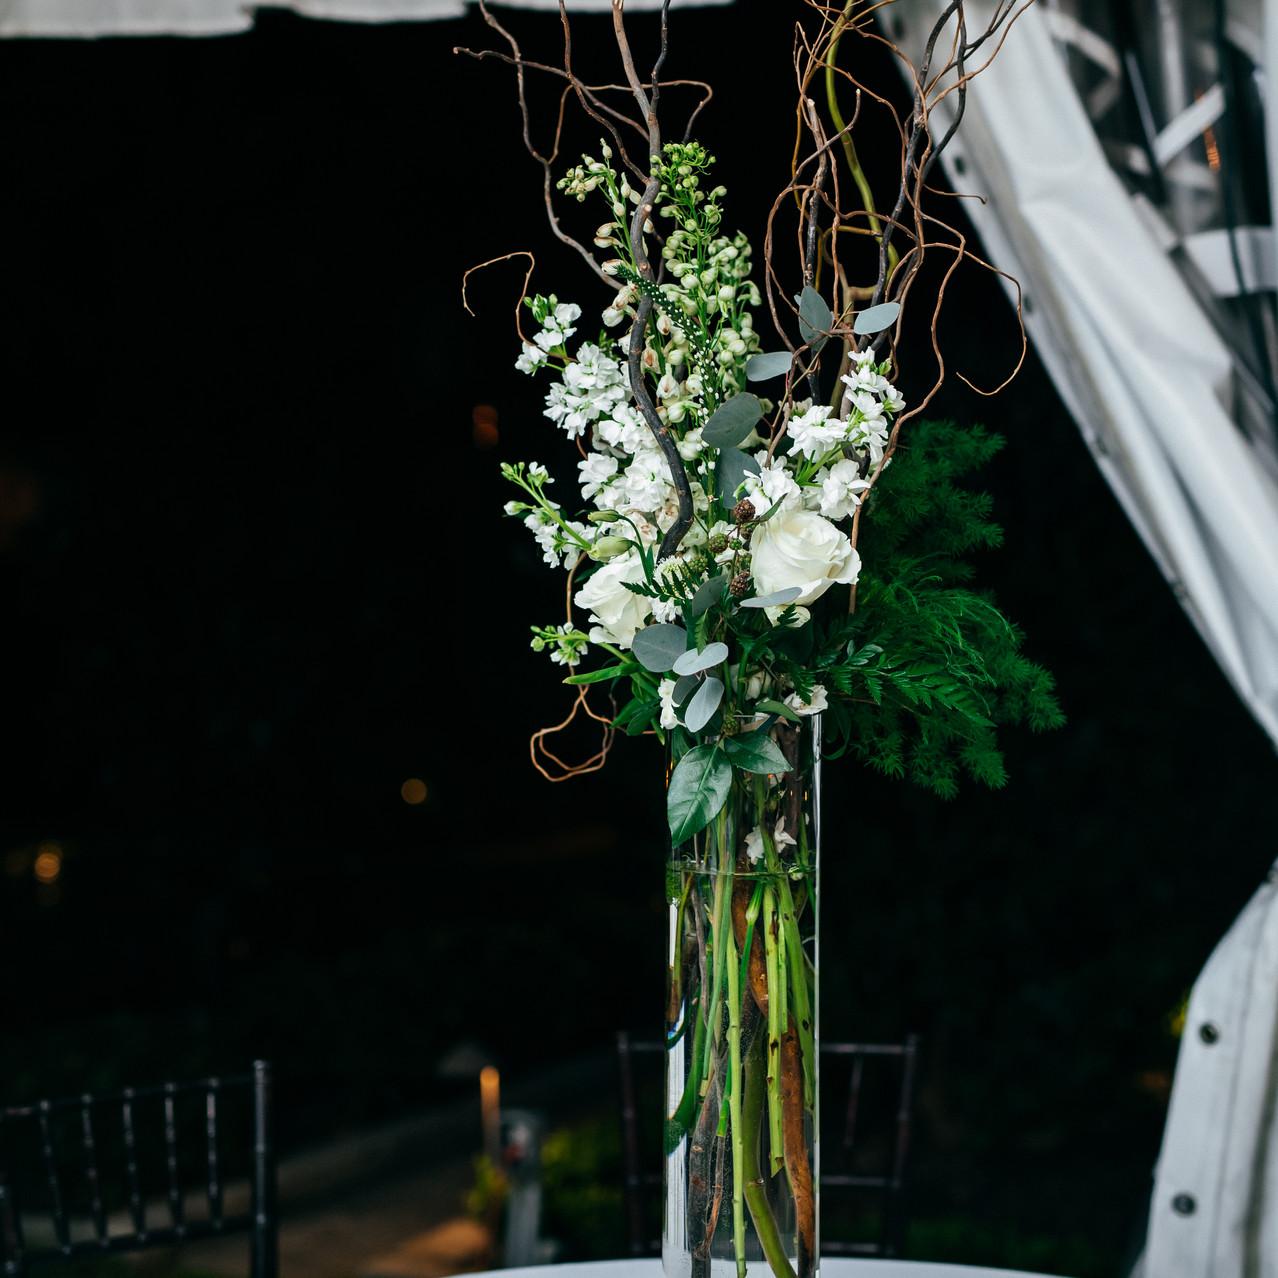 TaylorStewart-Wedding-Details-18